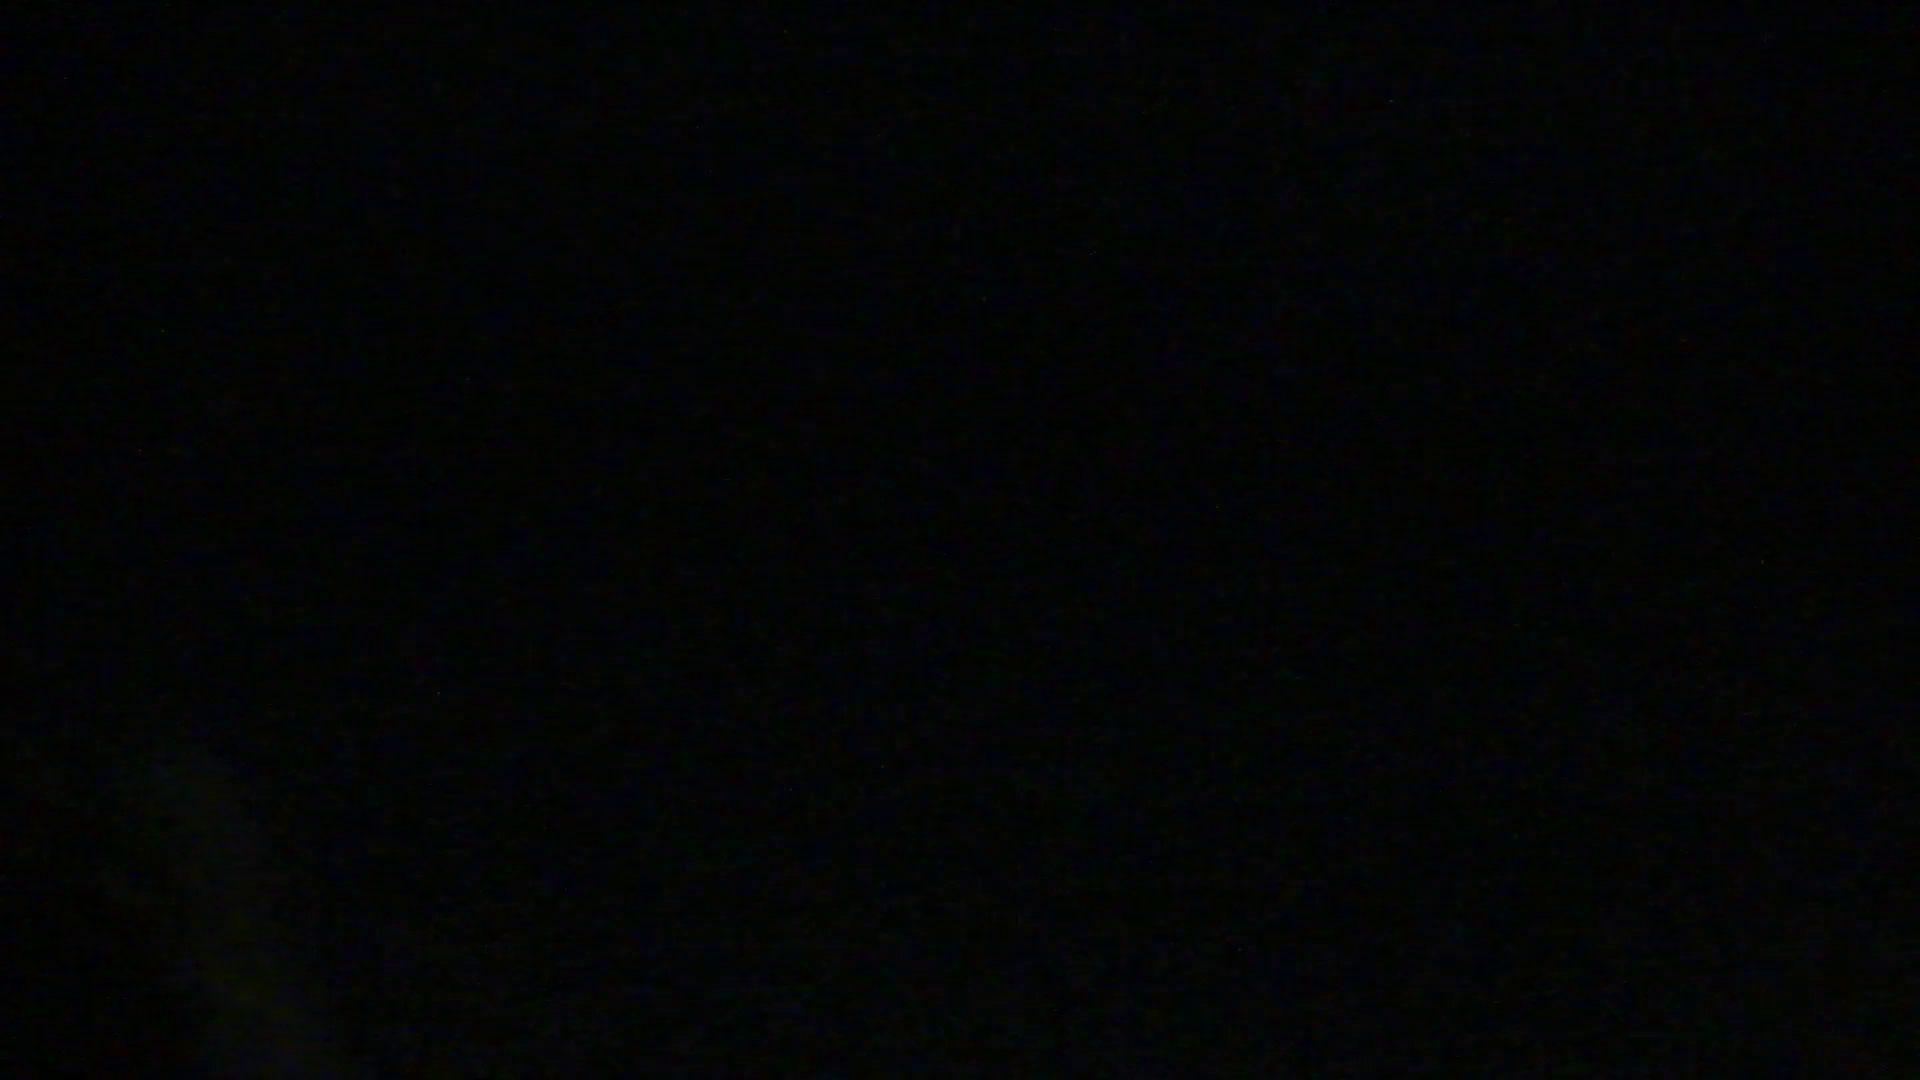 ギャルのツルピカ潜入盗撮!Vol.08 うんこ好き | ギャル・コレクション  96連発 25